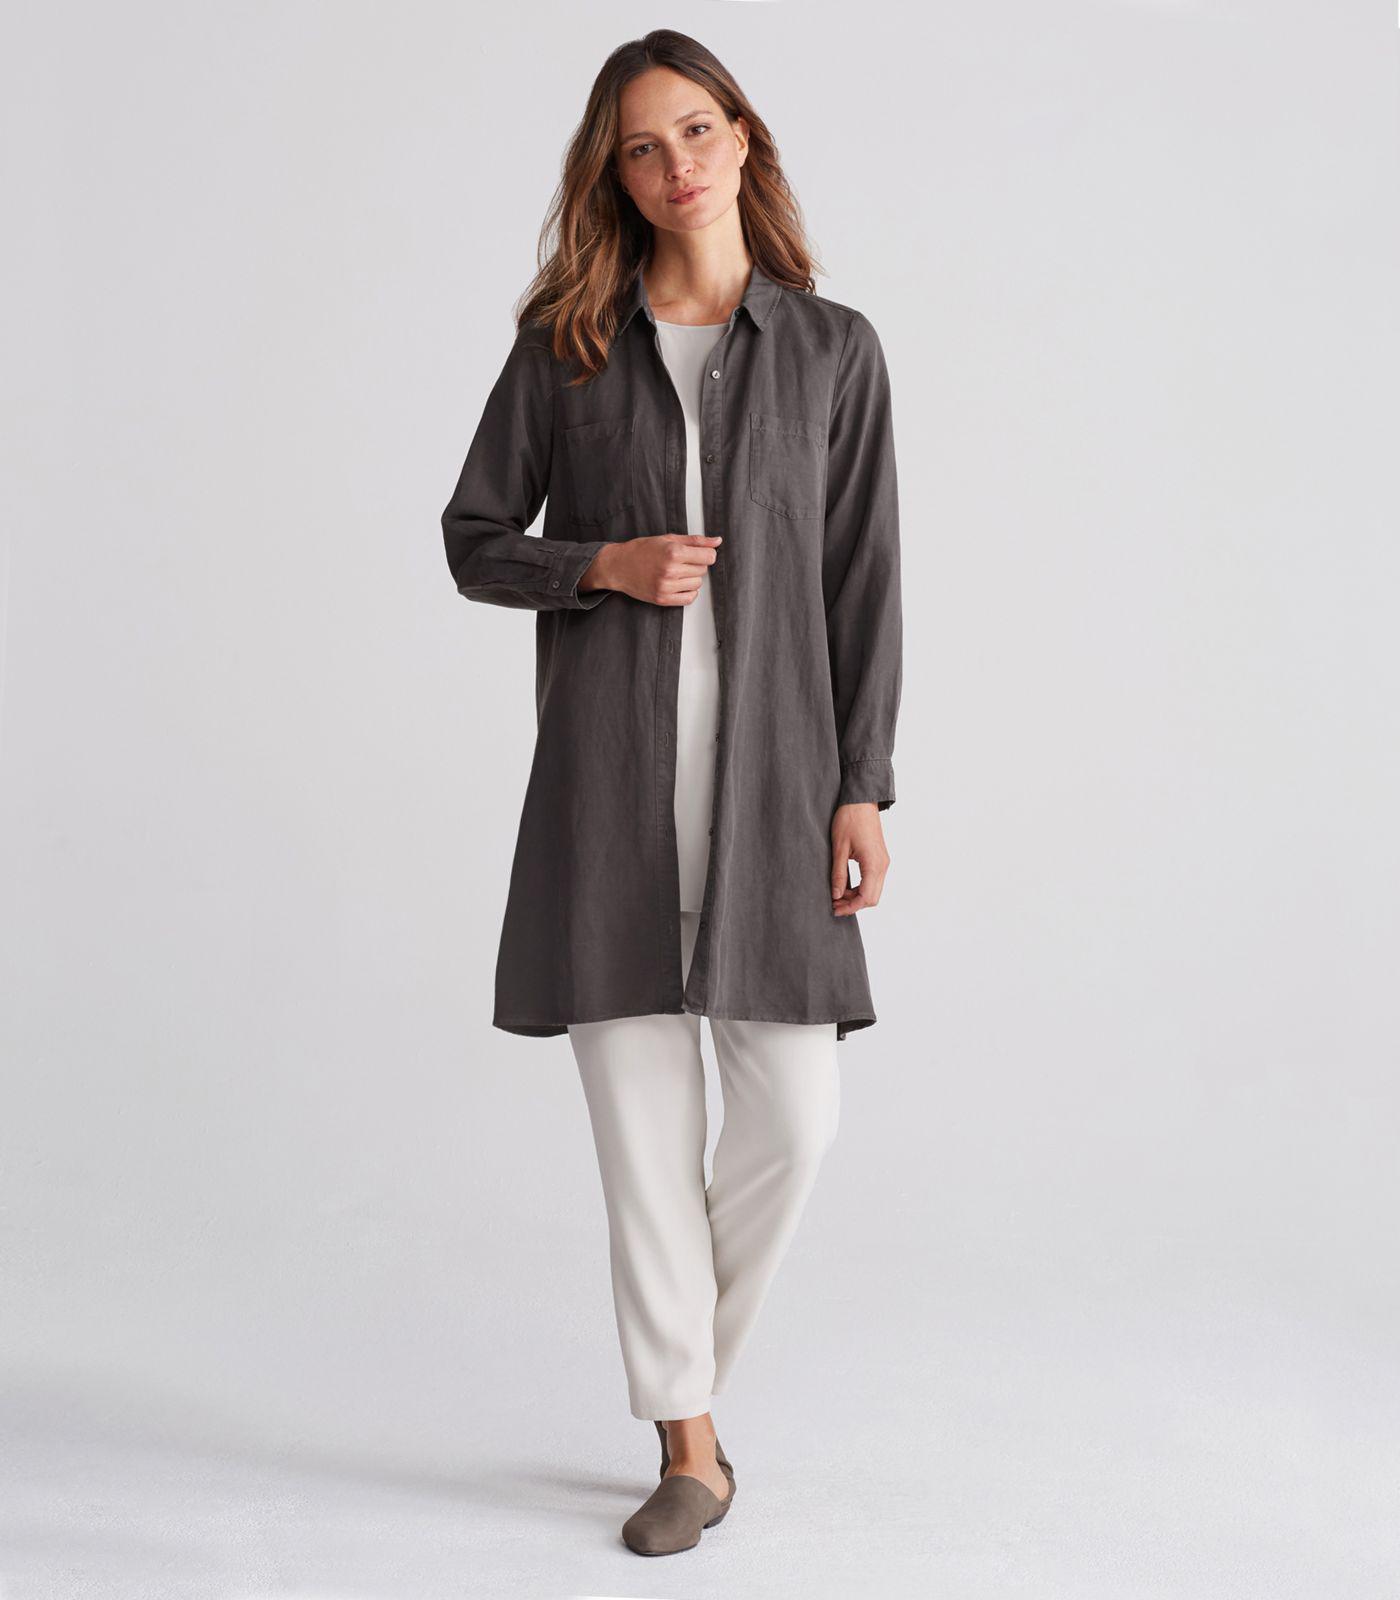 1cc3b1cdd44 Eileen Fisher Linen Classic Collar A-line Shirt Dress in Black - Lyst